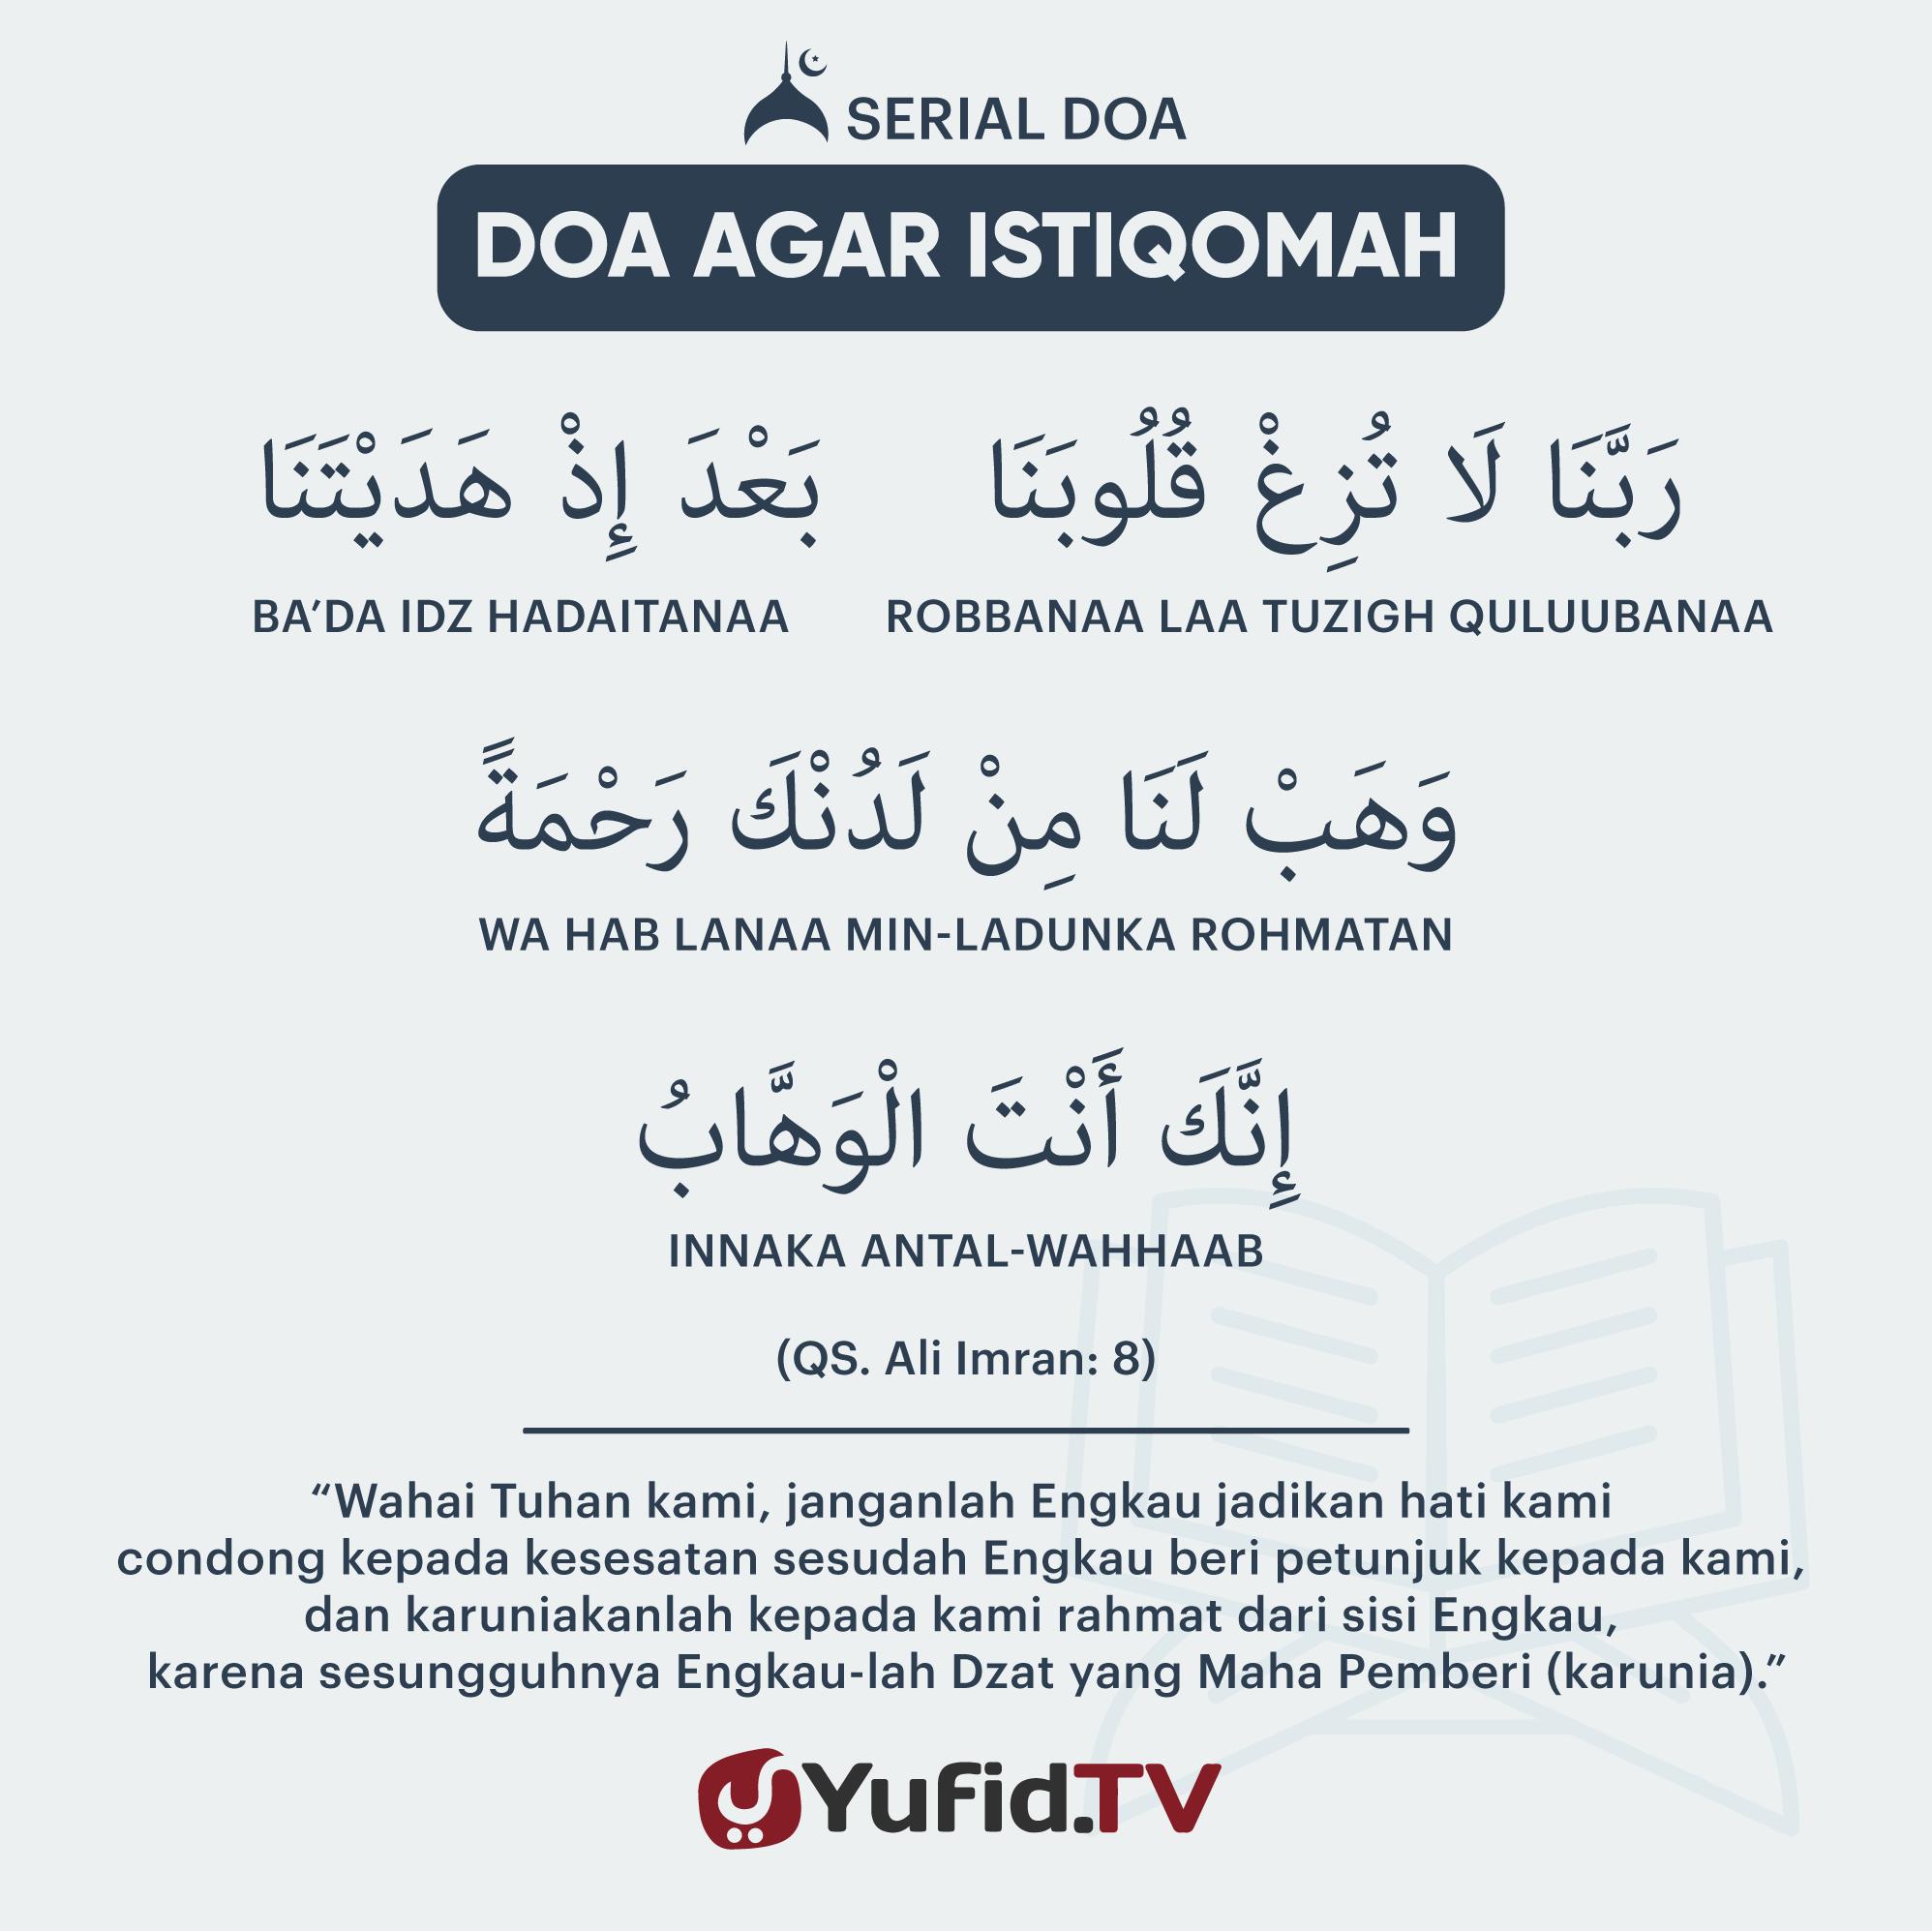 Doa agar Istiqomah